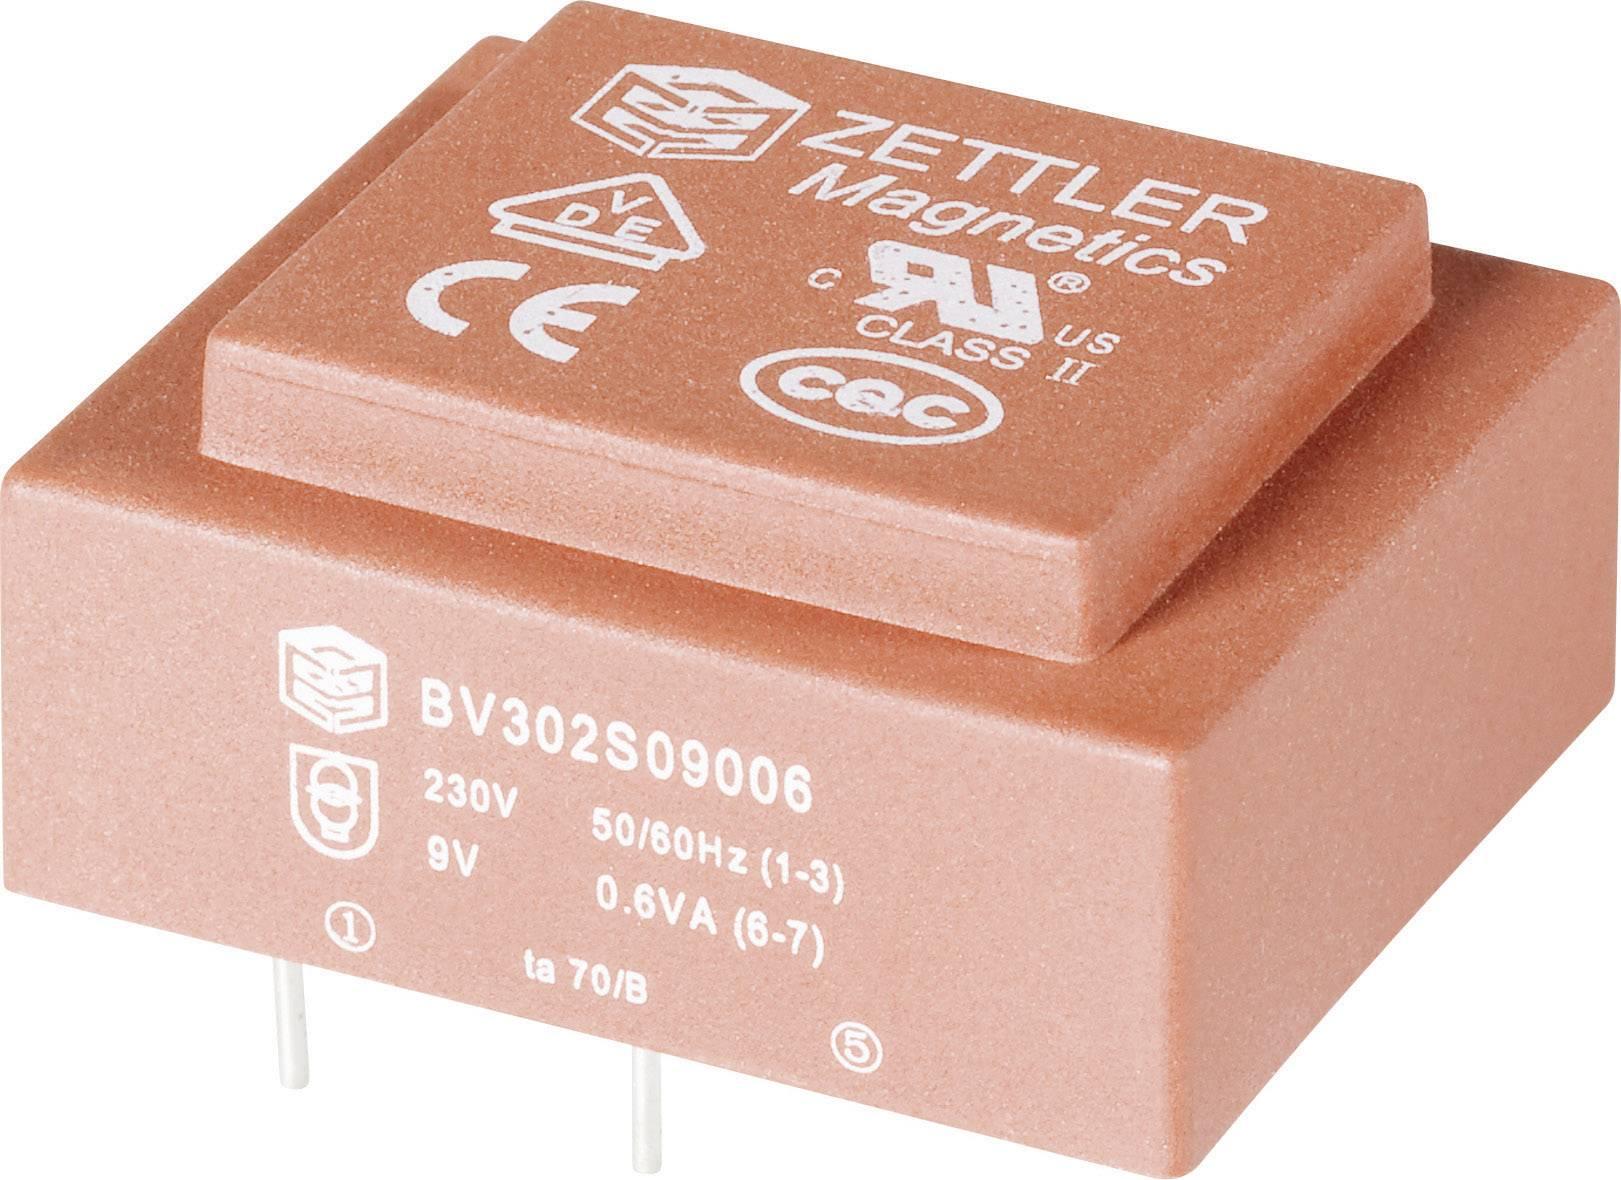 Transformátor do DPS Zettler Magnetics El30, 230 V/2x 6 V, 2x 50 mA, 0,6 VA